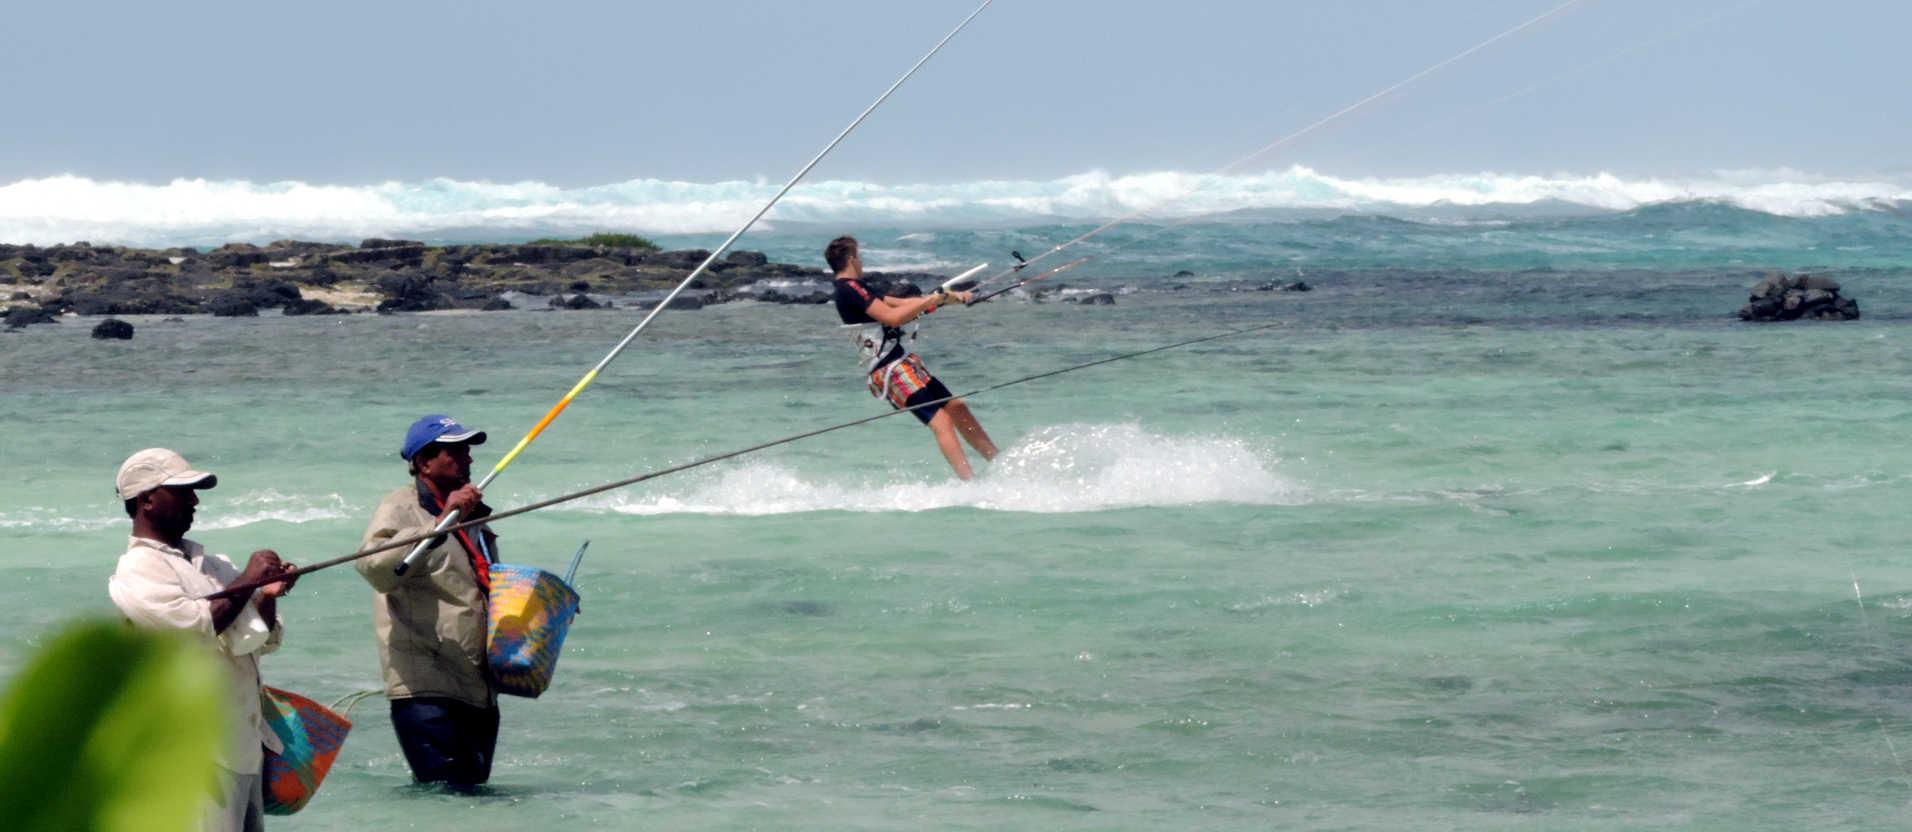 Kitesurfen in Poste Lafayette Mauritius